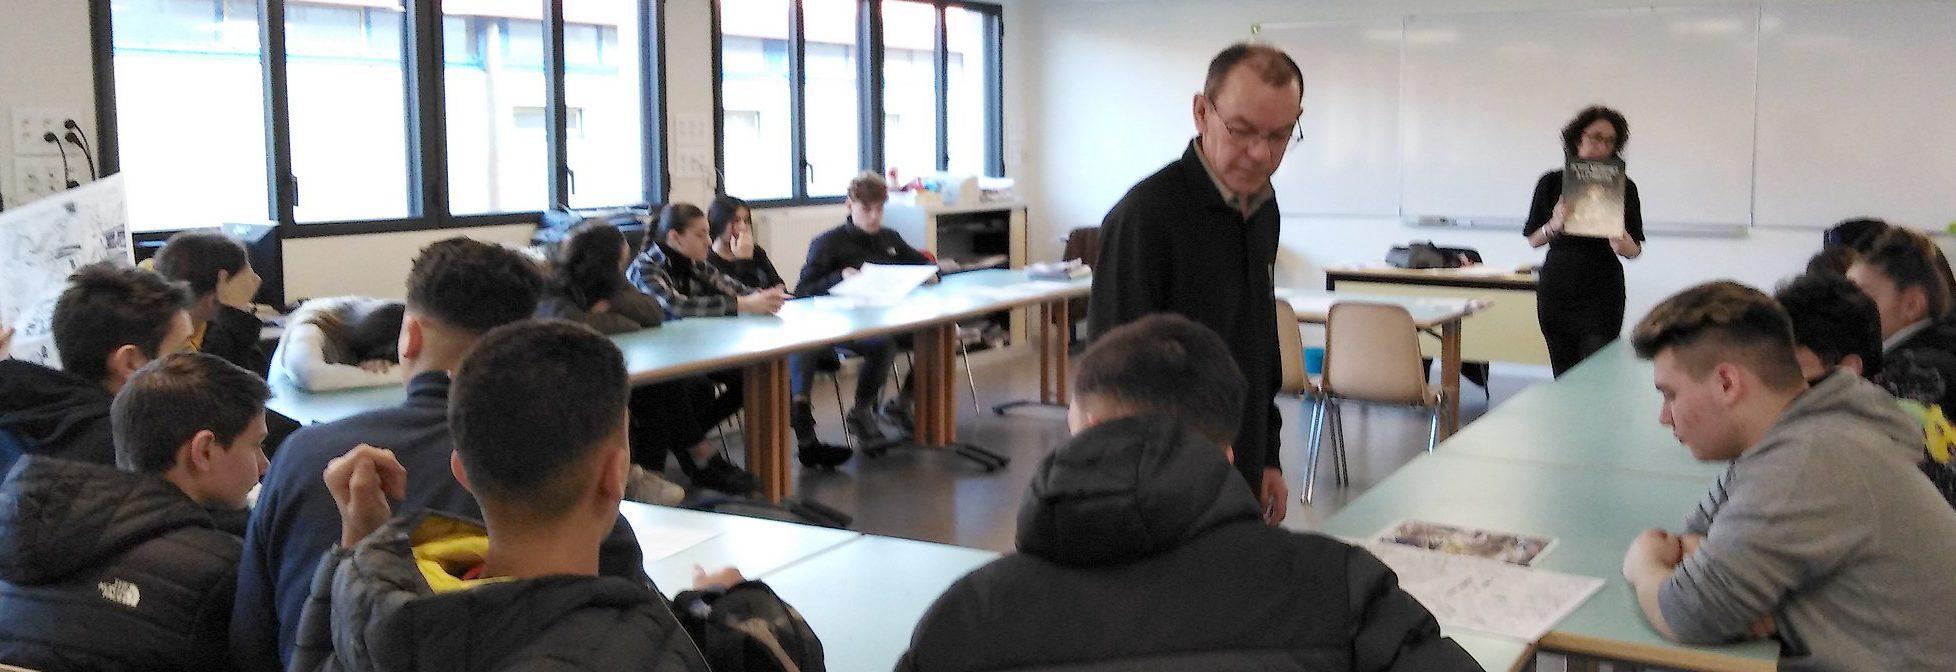 Les élèves ont été conseillés par le dessinateur Denis Chetville.